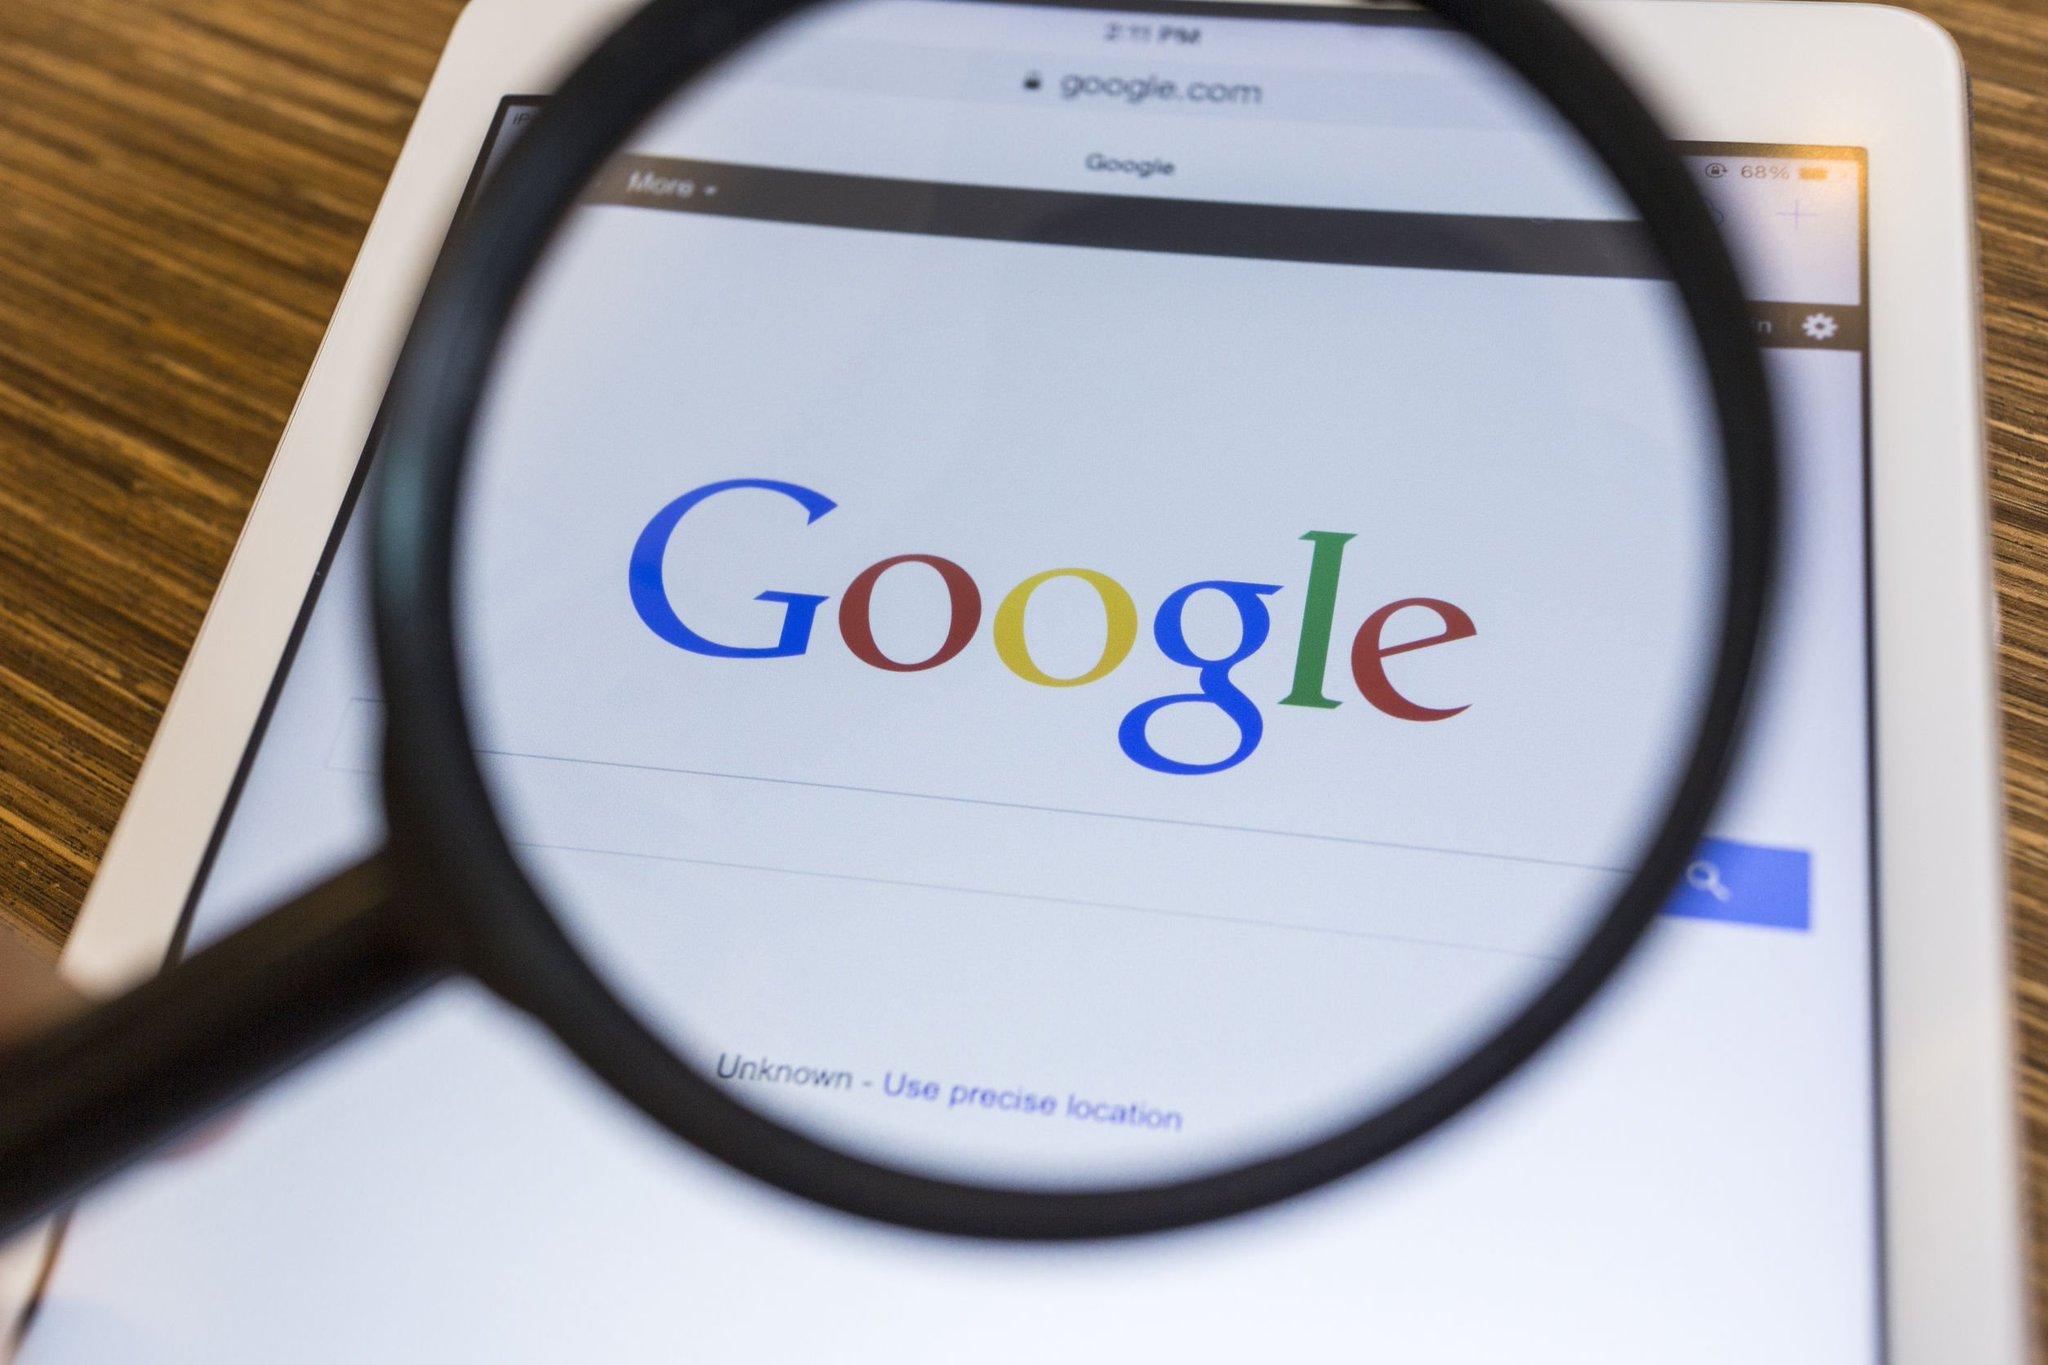 продвижение в гугл картинках испытуемого стандартного раствора